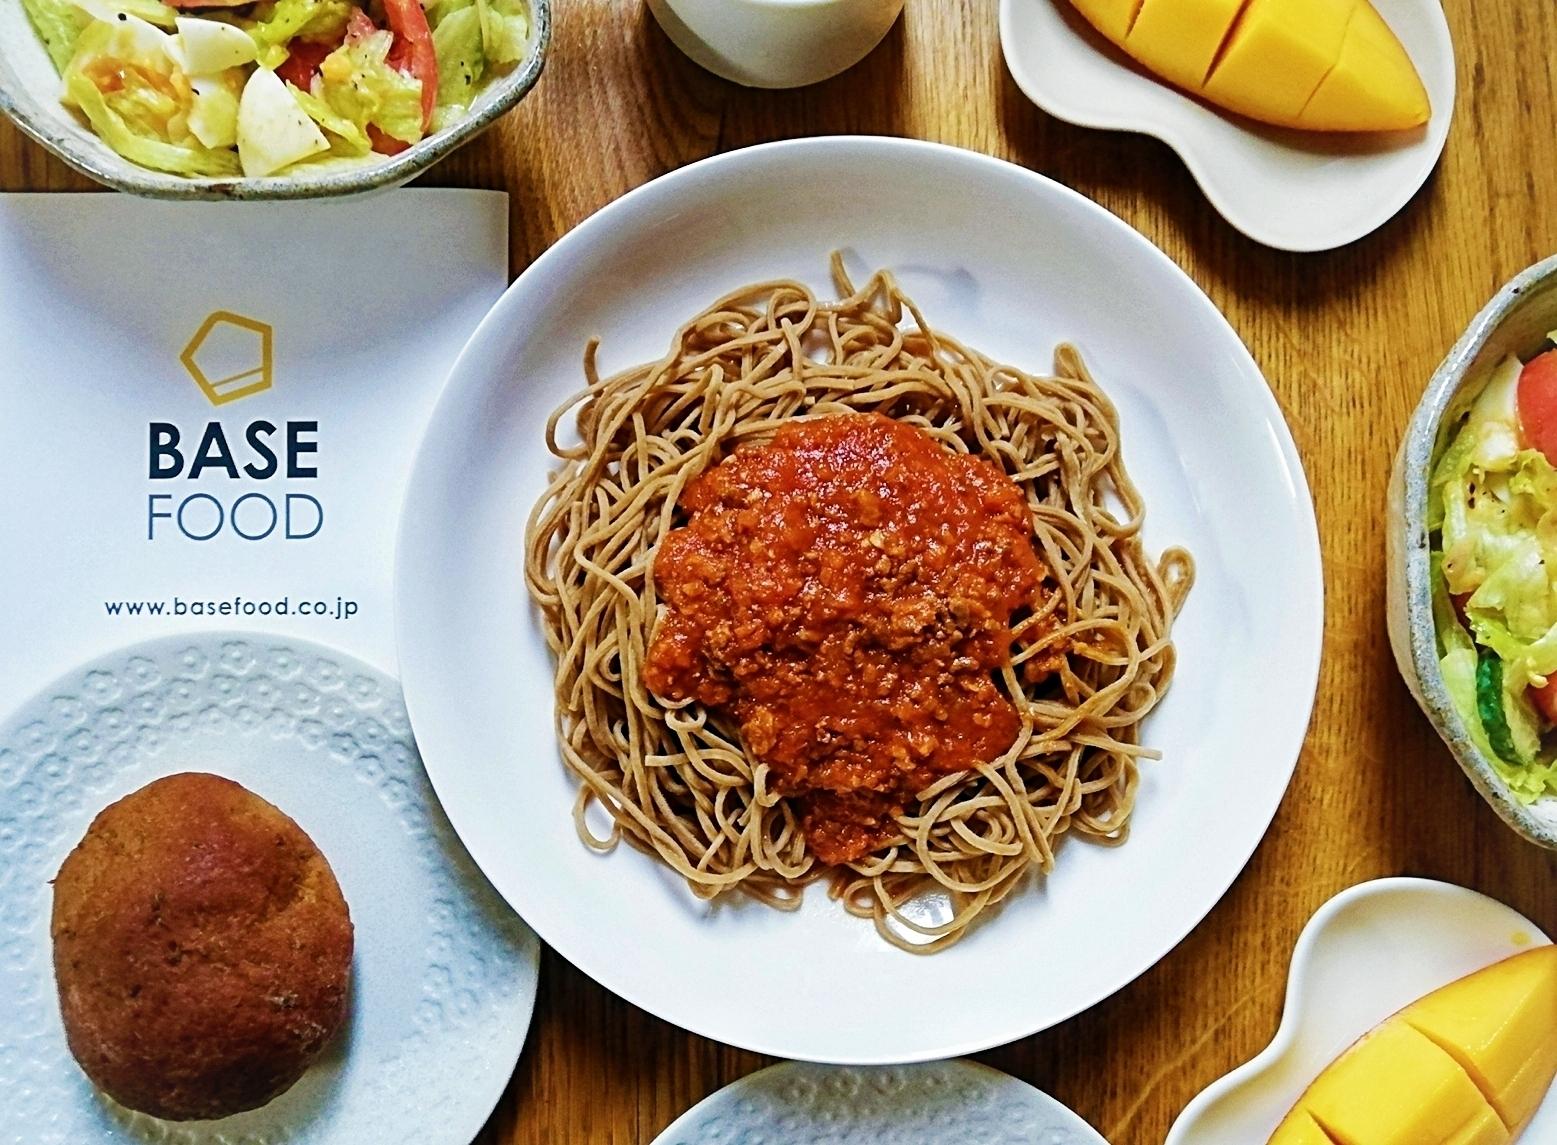 完全栄養の主食【BASE FOOD®️】が大幅リニューアル!!あなたはBASE BREAD®️とBASE NOODLE®️どっち派??